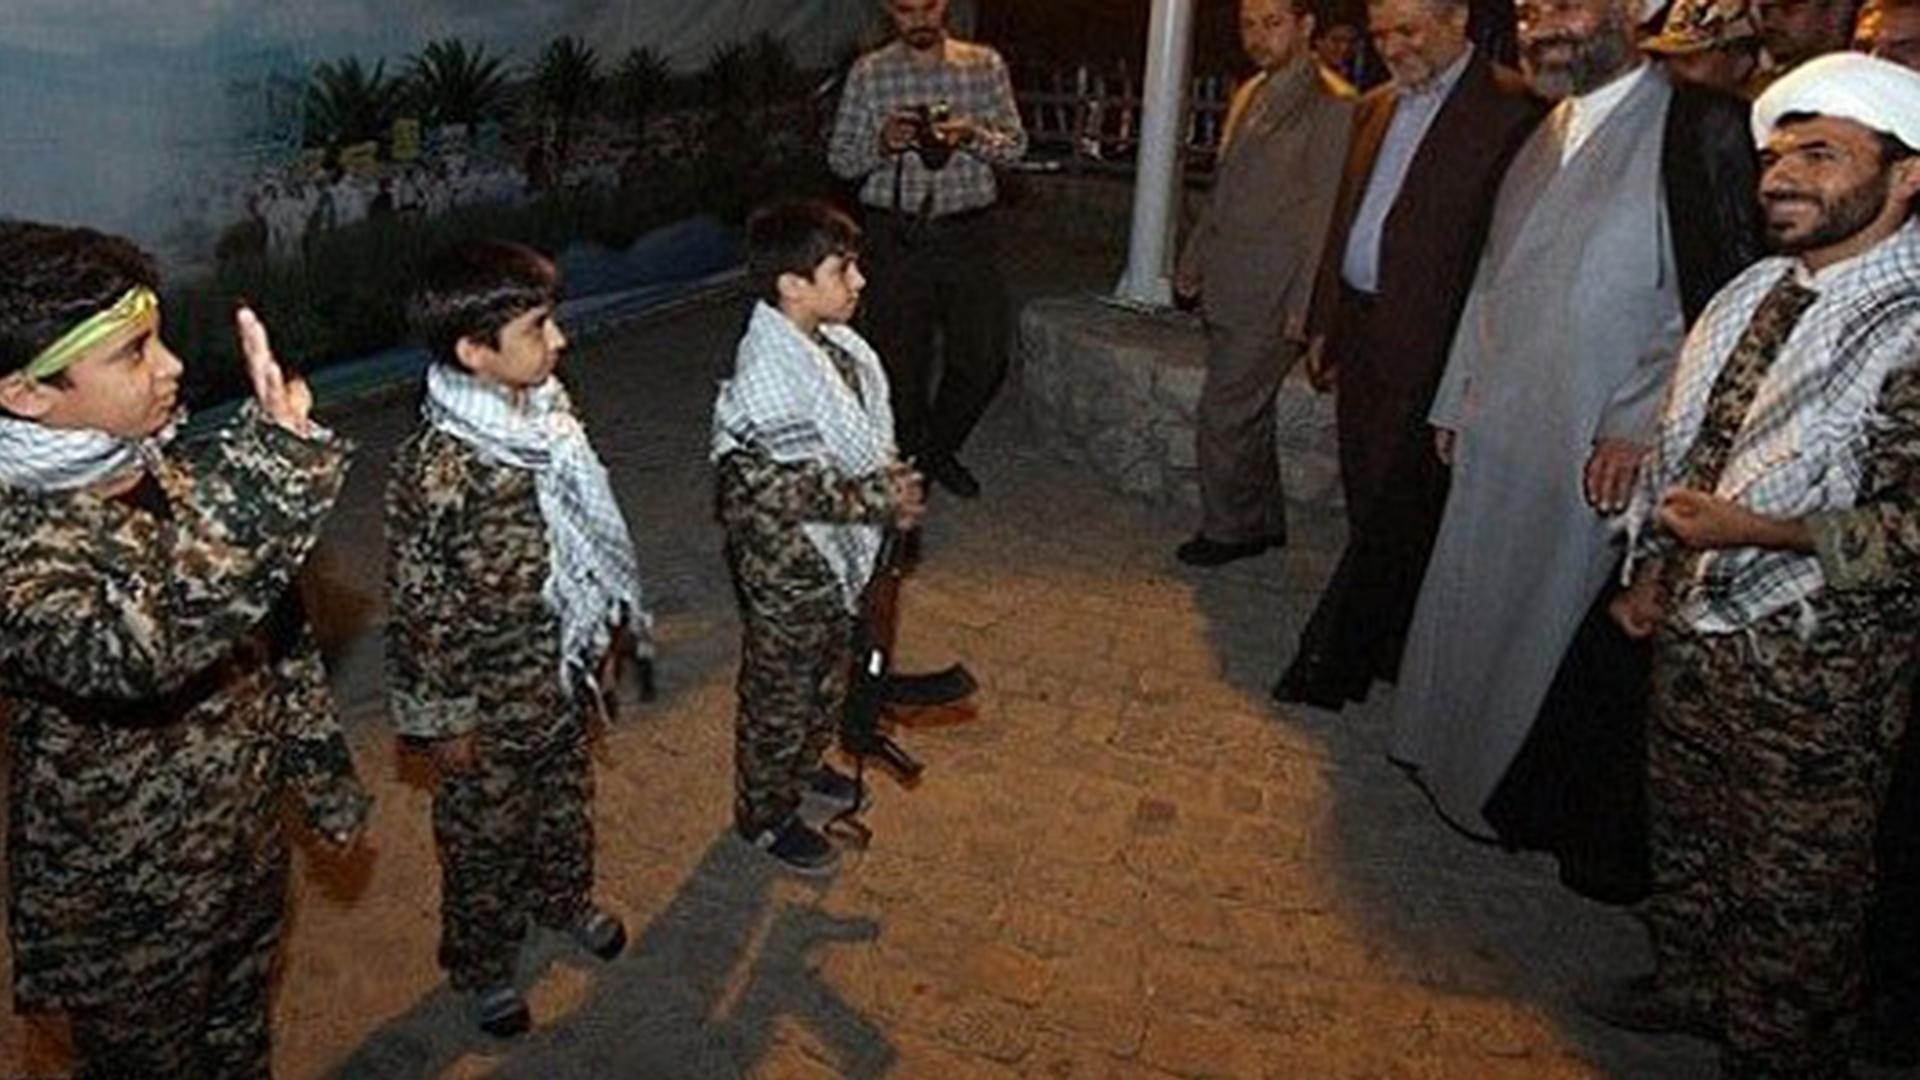 Los visitantes también aprenden sobre la historia de la República Islámica (RajaNews)